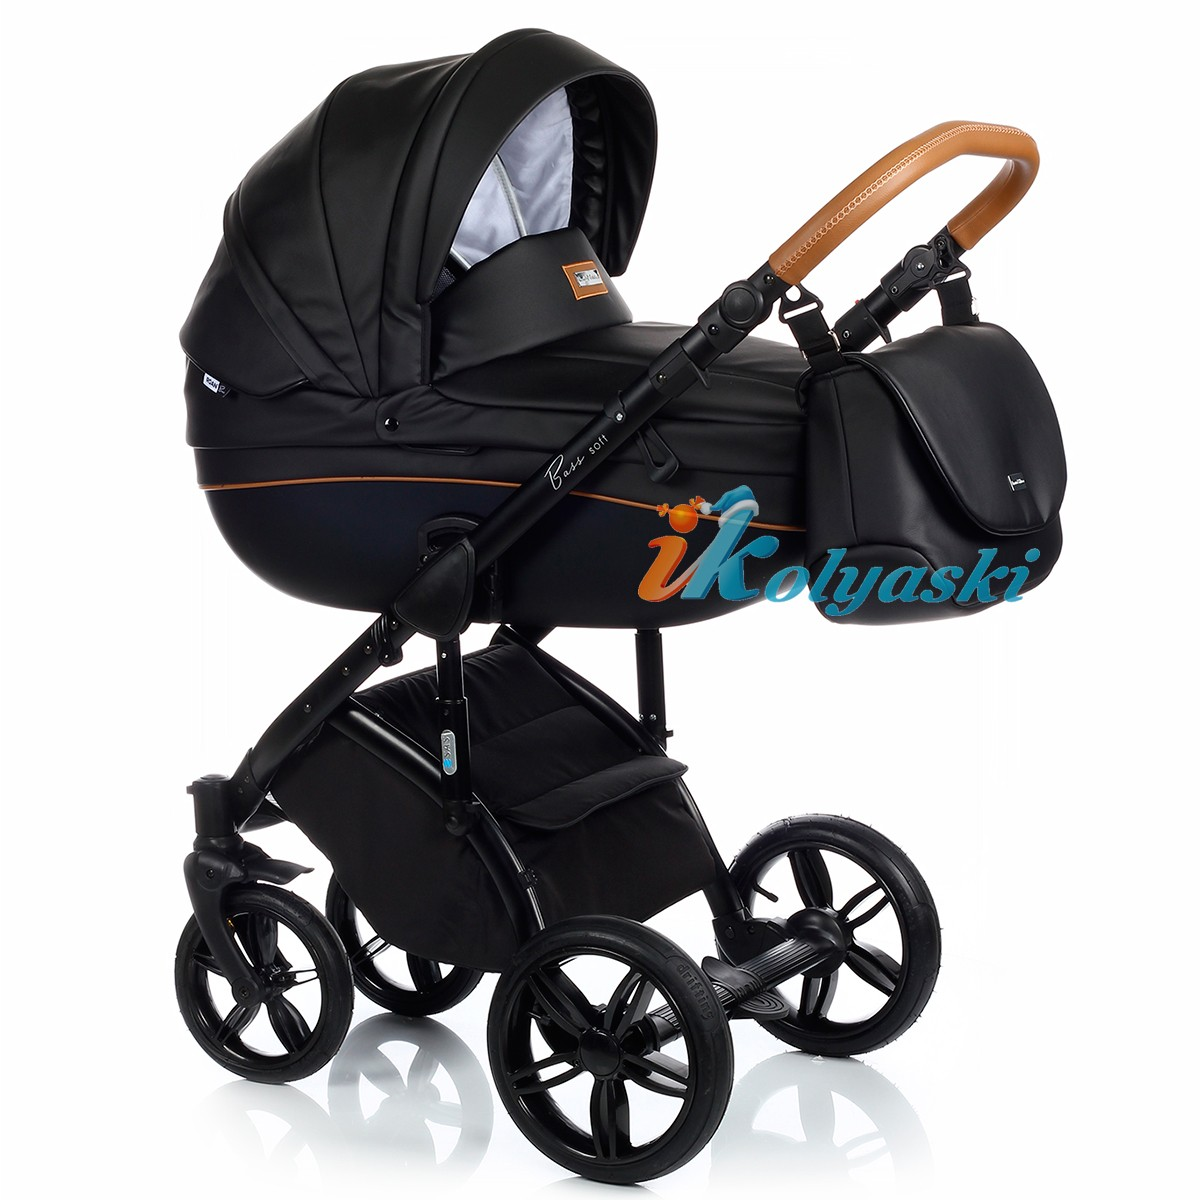 Roan Bass Soft LE,  Leather, Детская коляска для новорожденных, на поворотных колесах, 3 в 1 Roan Bass Soft LE  - Роан Басс шасси Софт, обшивка люльки Эко-Кожа. Хит 2018. Roan Bass Soft Leather, Детская коляска для новорожденных, детская коляска на поворотных колесах, коляски 3 в 1, коляска Roan Bass Soft, коляска Роан Басс Софт, коляски новинки 2019, детские коляски новинки 2019, коляски Roan, детские коляски роан купить